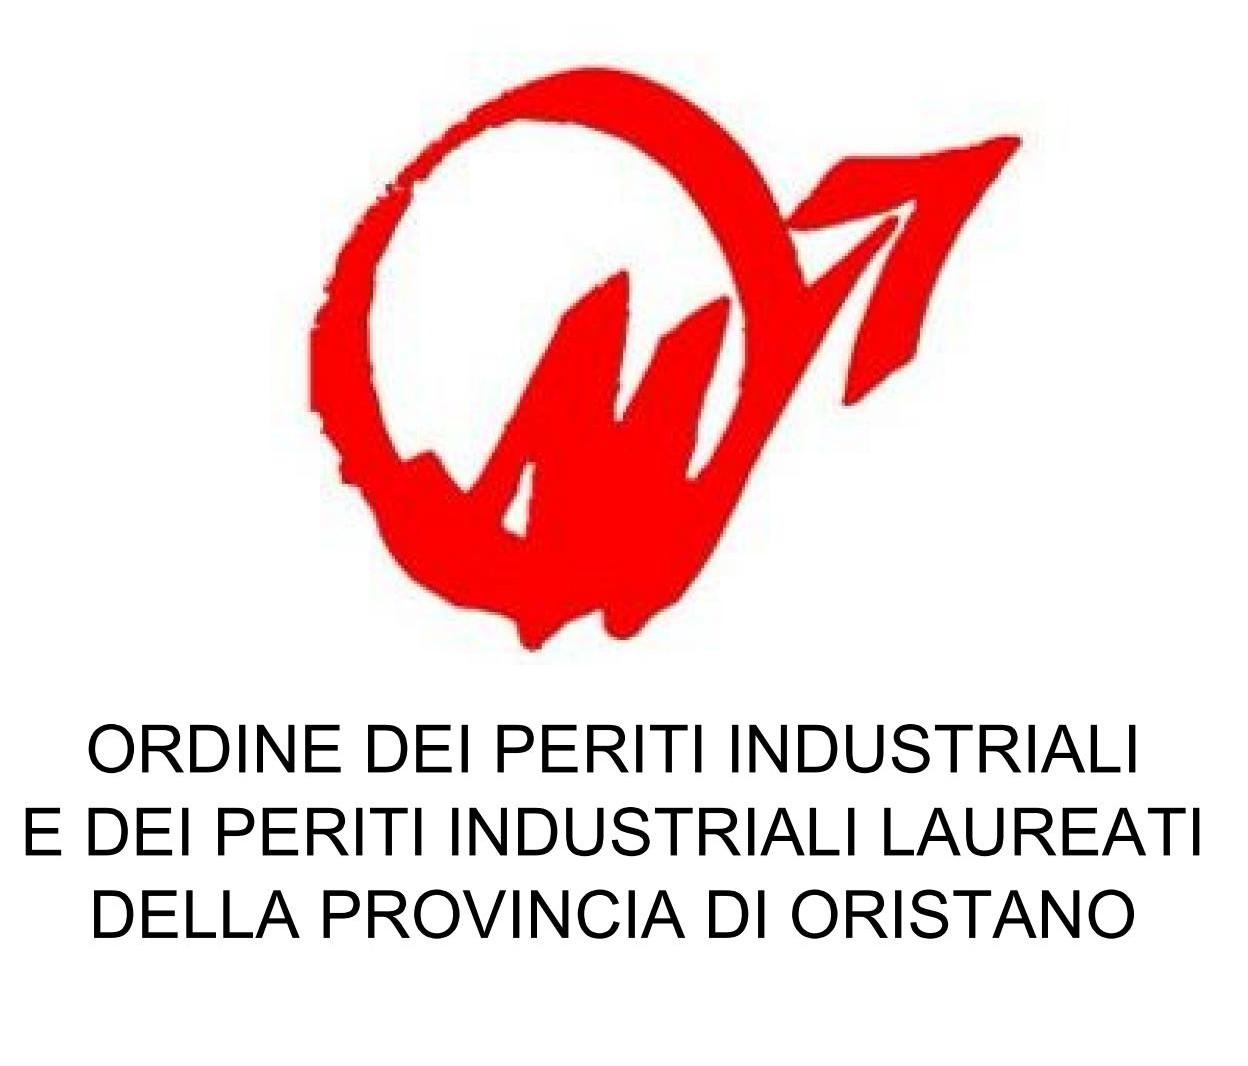 Ordine dei Periti Industriali della Provincia di Oristano